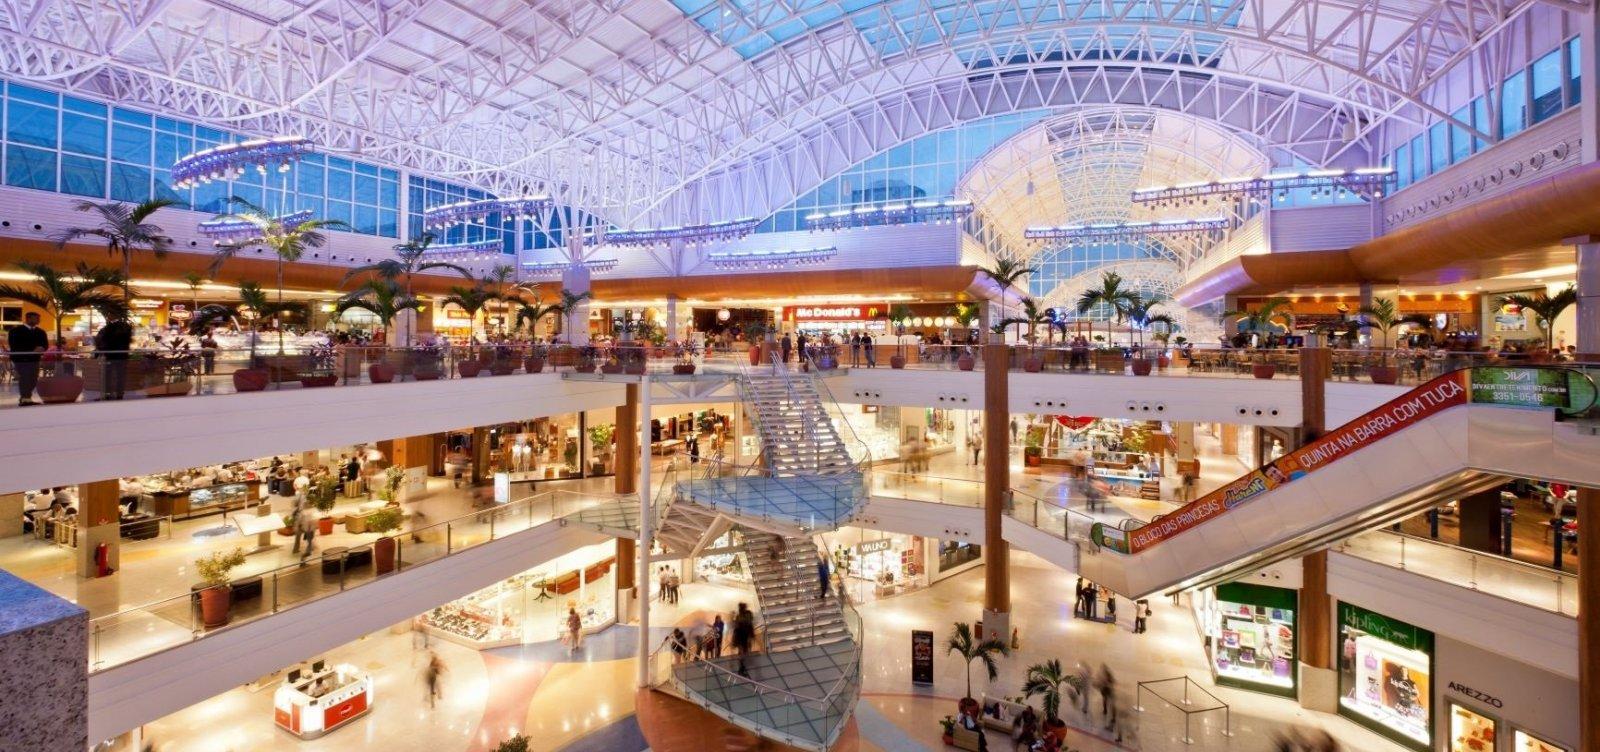 [Black Friday: Shoppings abrem mais cedo na próxima sexta-feira]